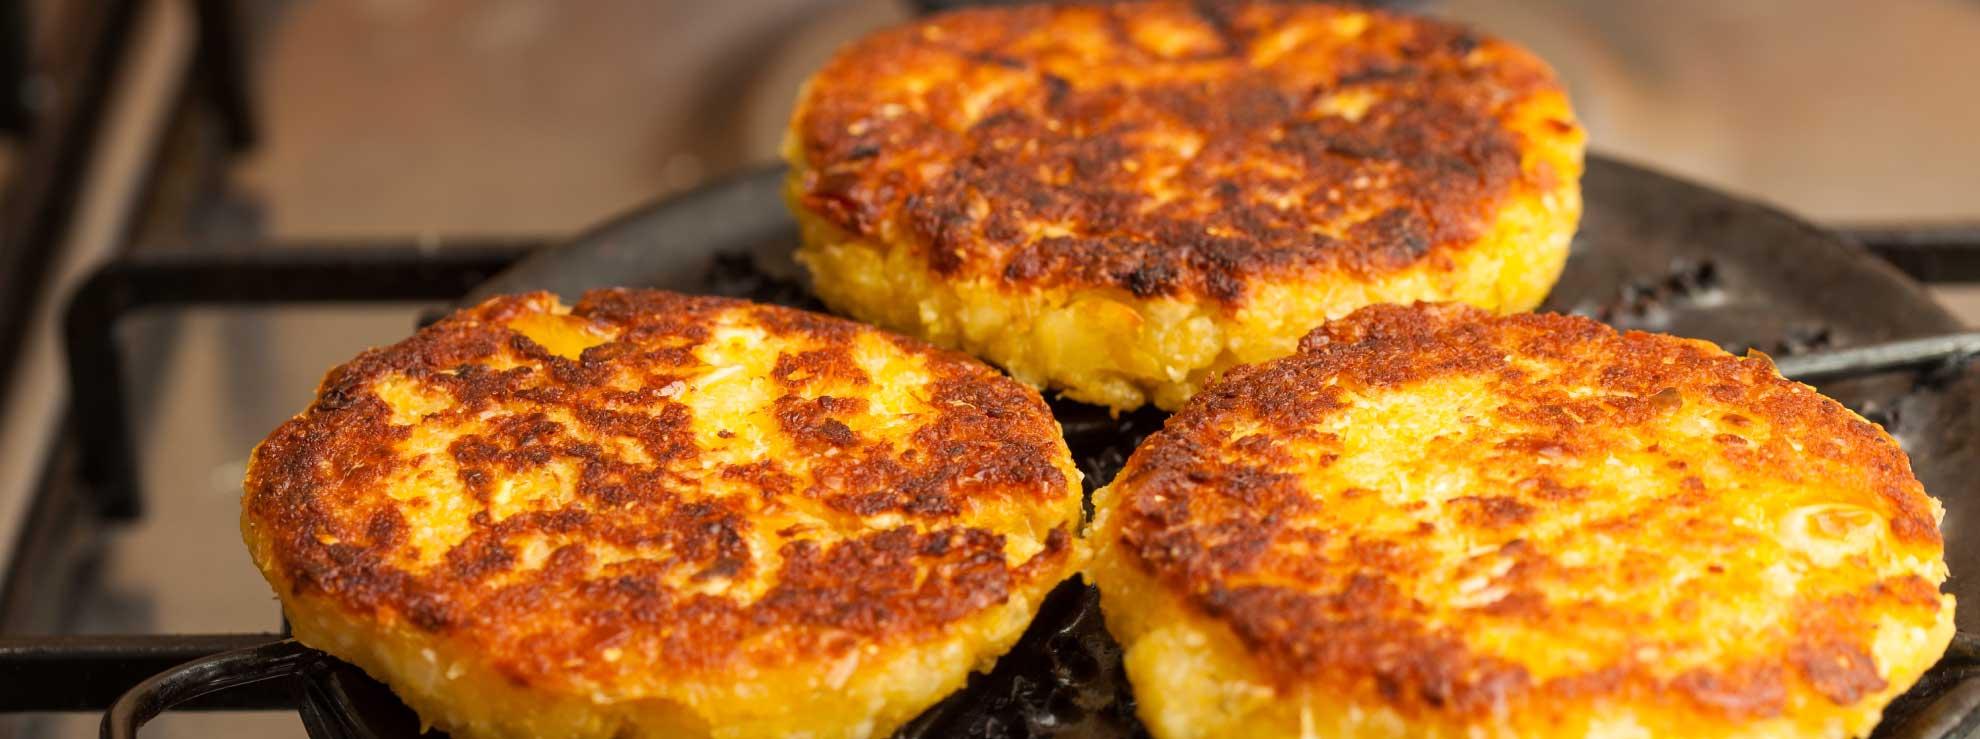 Receta de Tortitas de yuca fritas, un platillo originario de Gracias a Dios